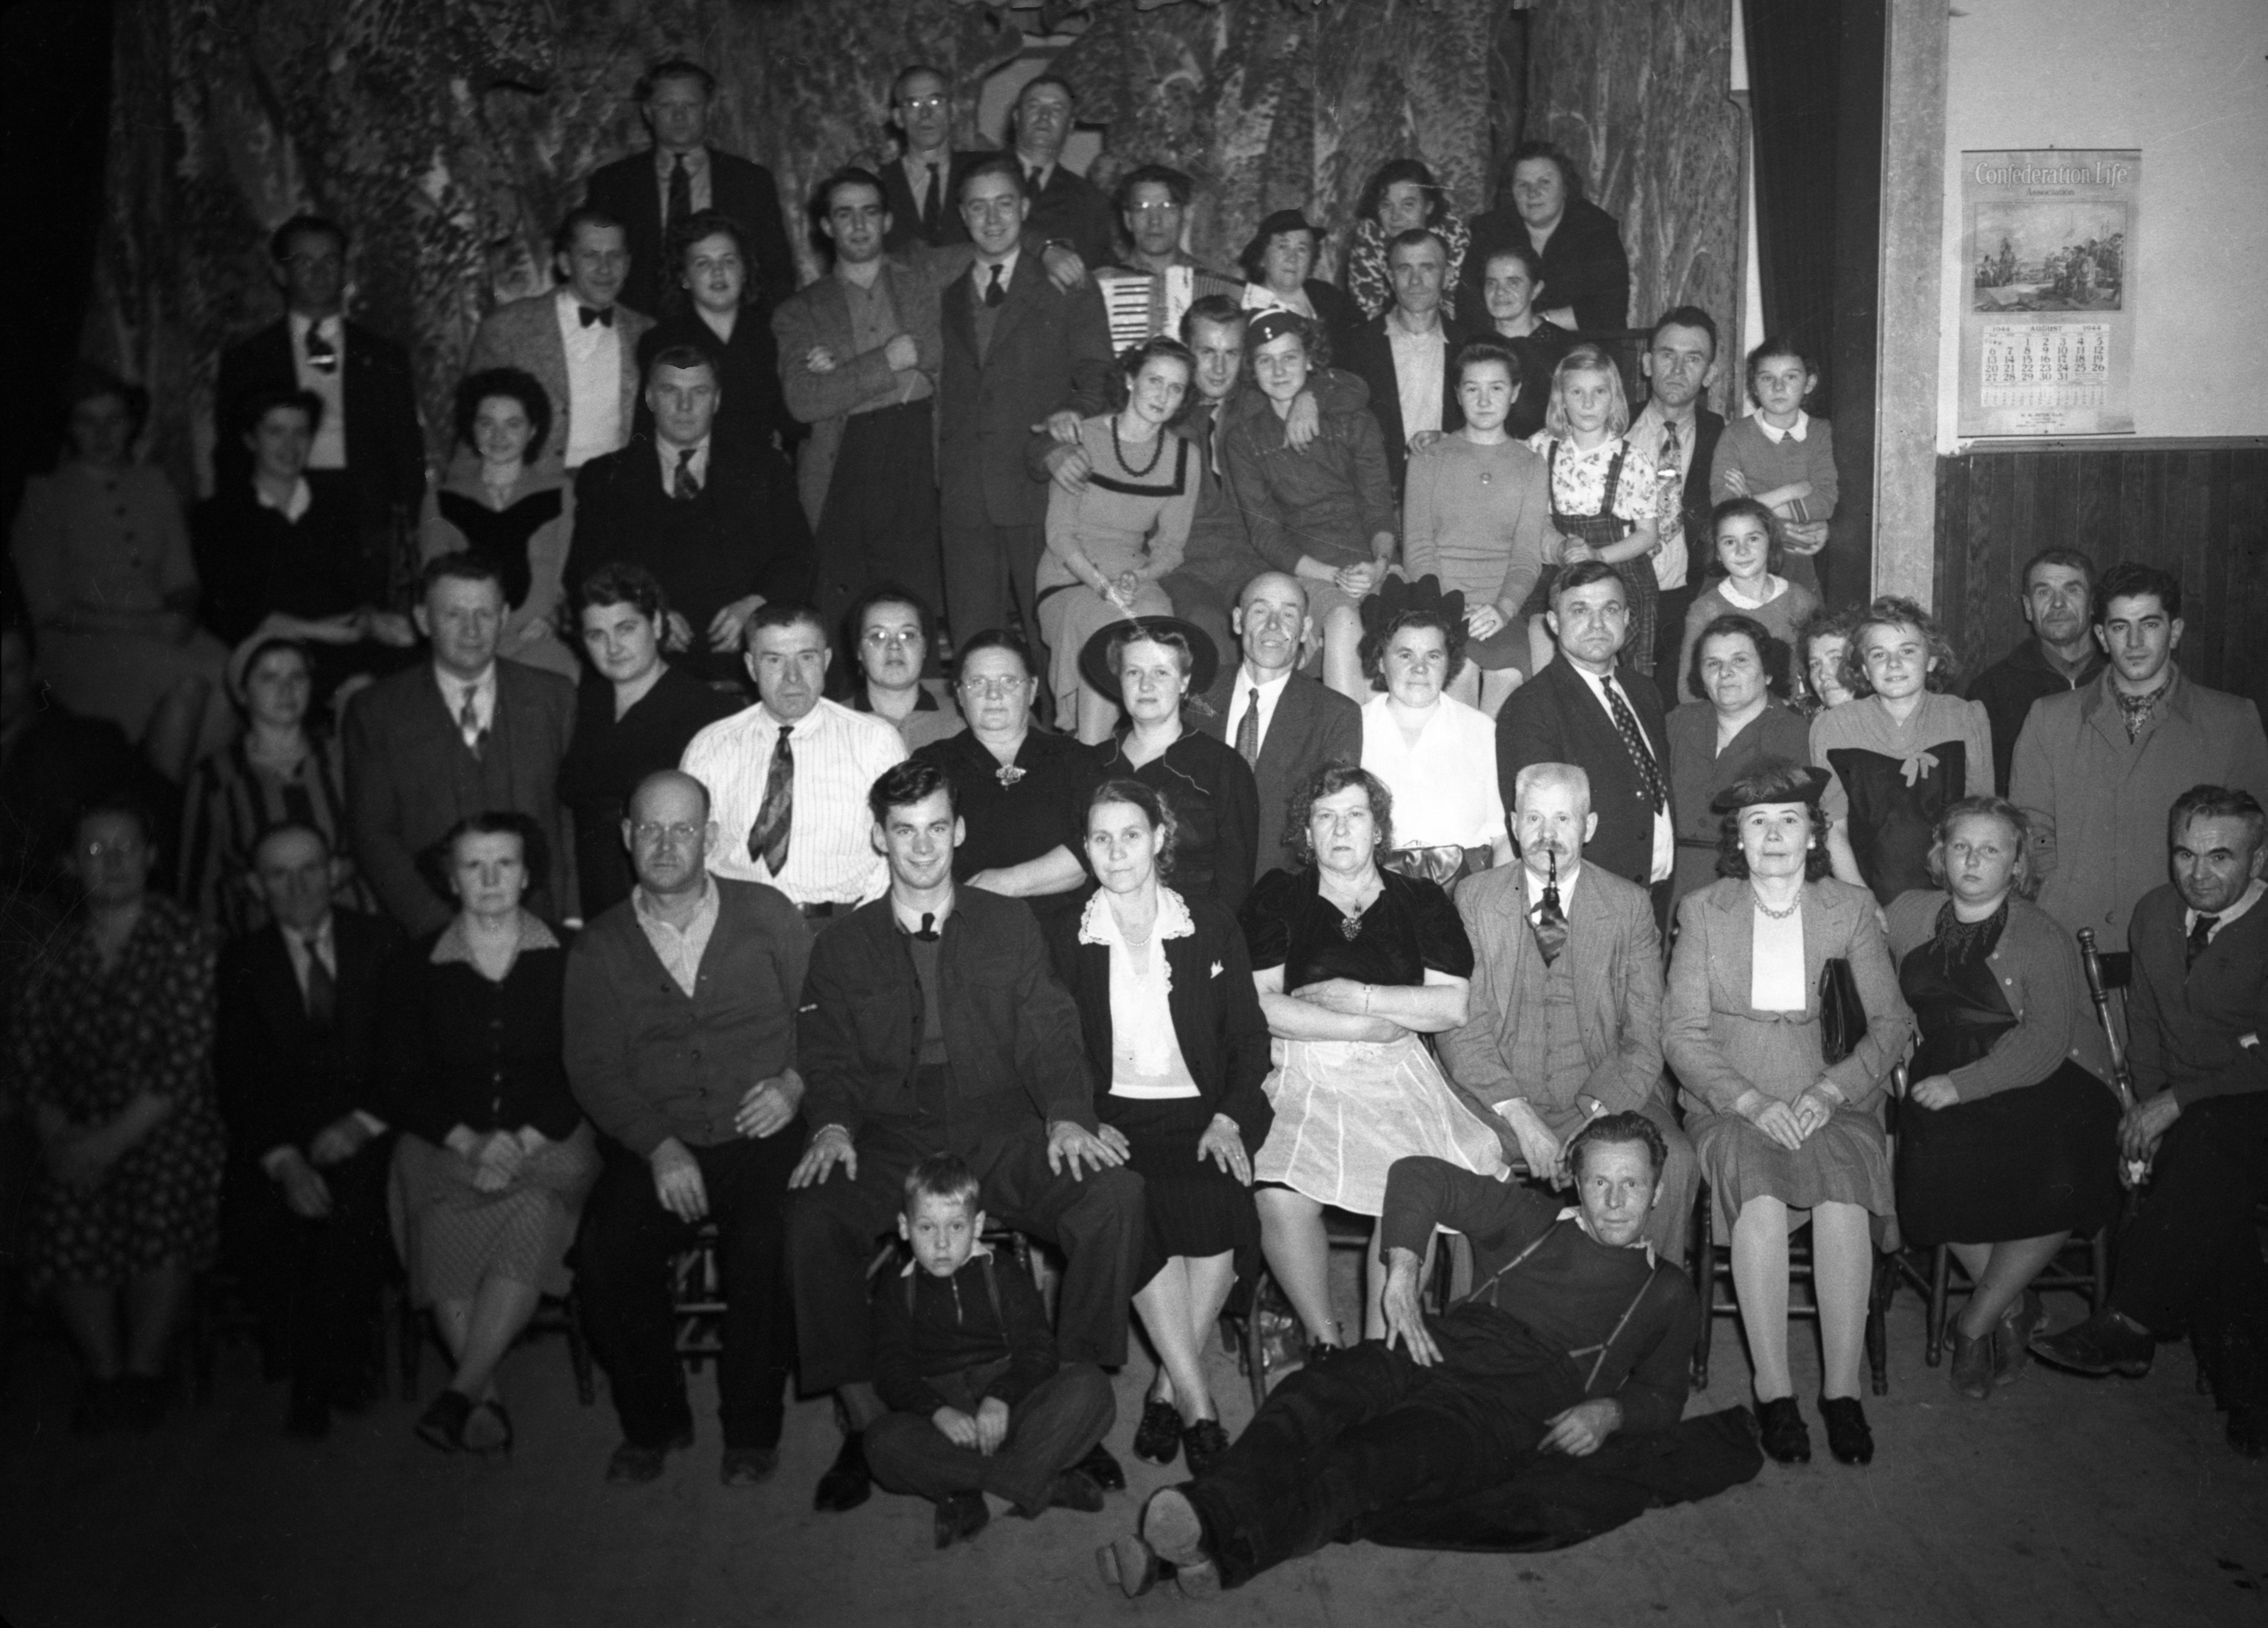 Photographie en noir et blanc d'une cinquantaine de personnes : vingt-trois femmes, vingt-quatre hommes et quelques enfants. Une des personnes tient un accordéon dans ses mains.